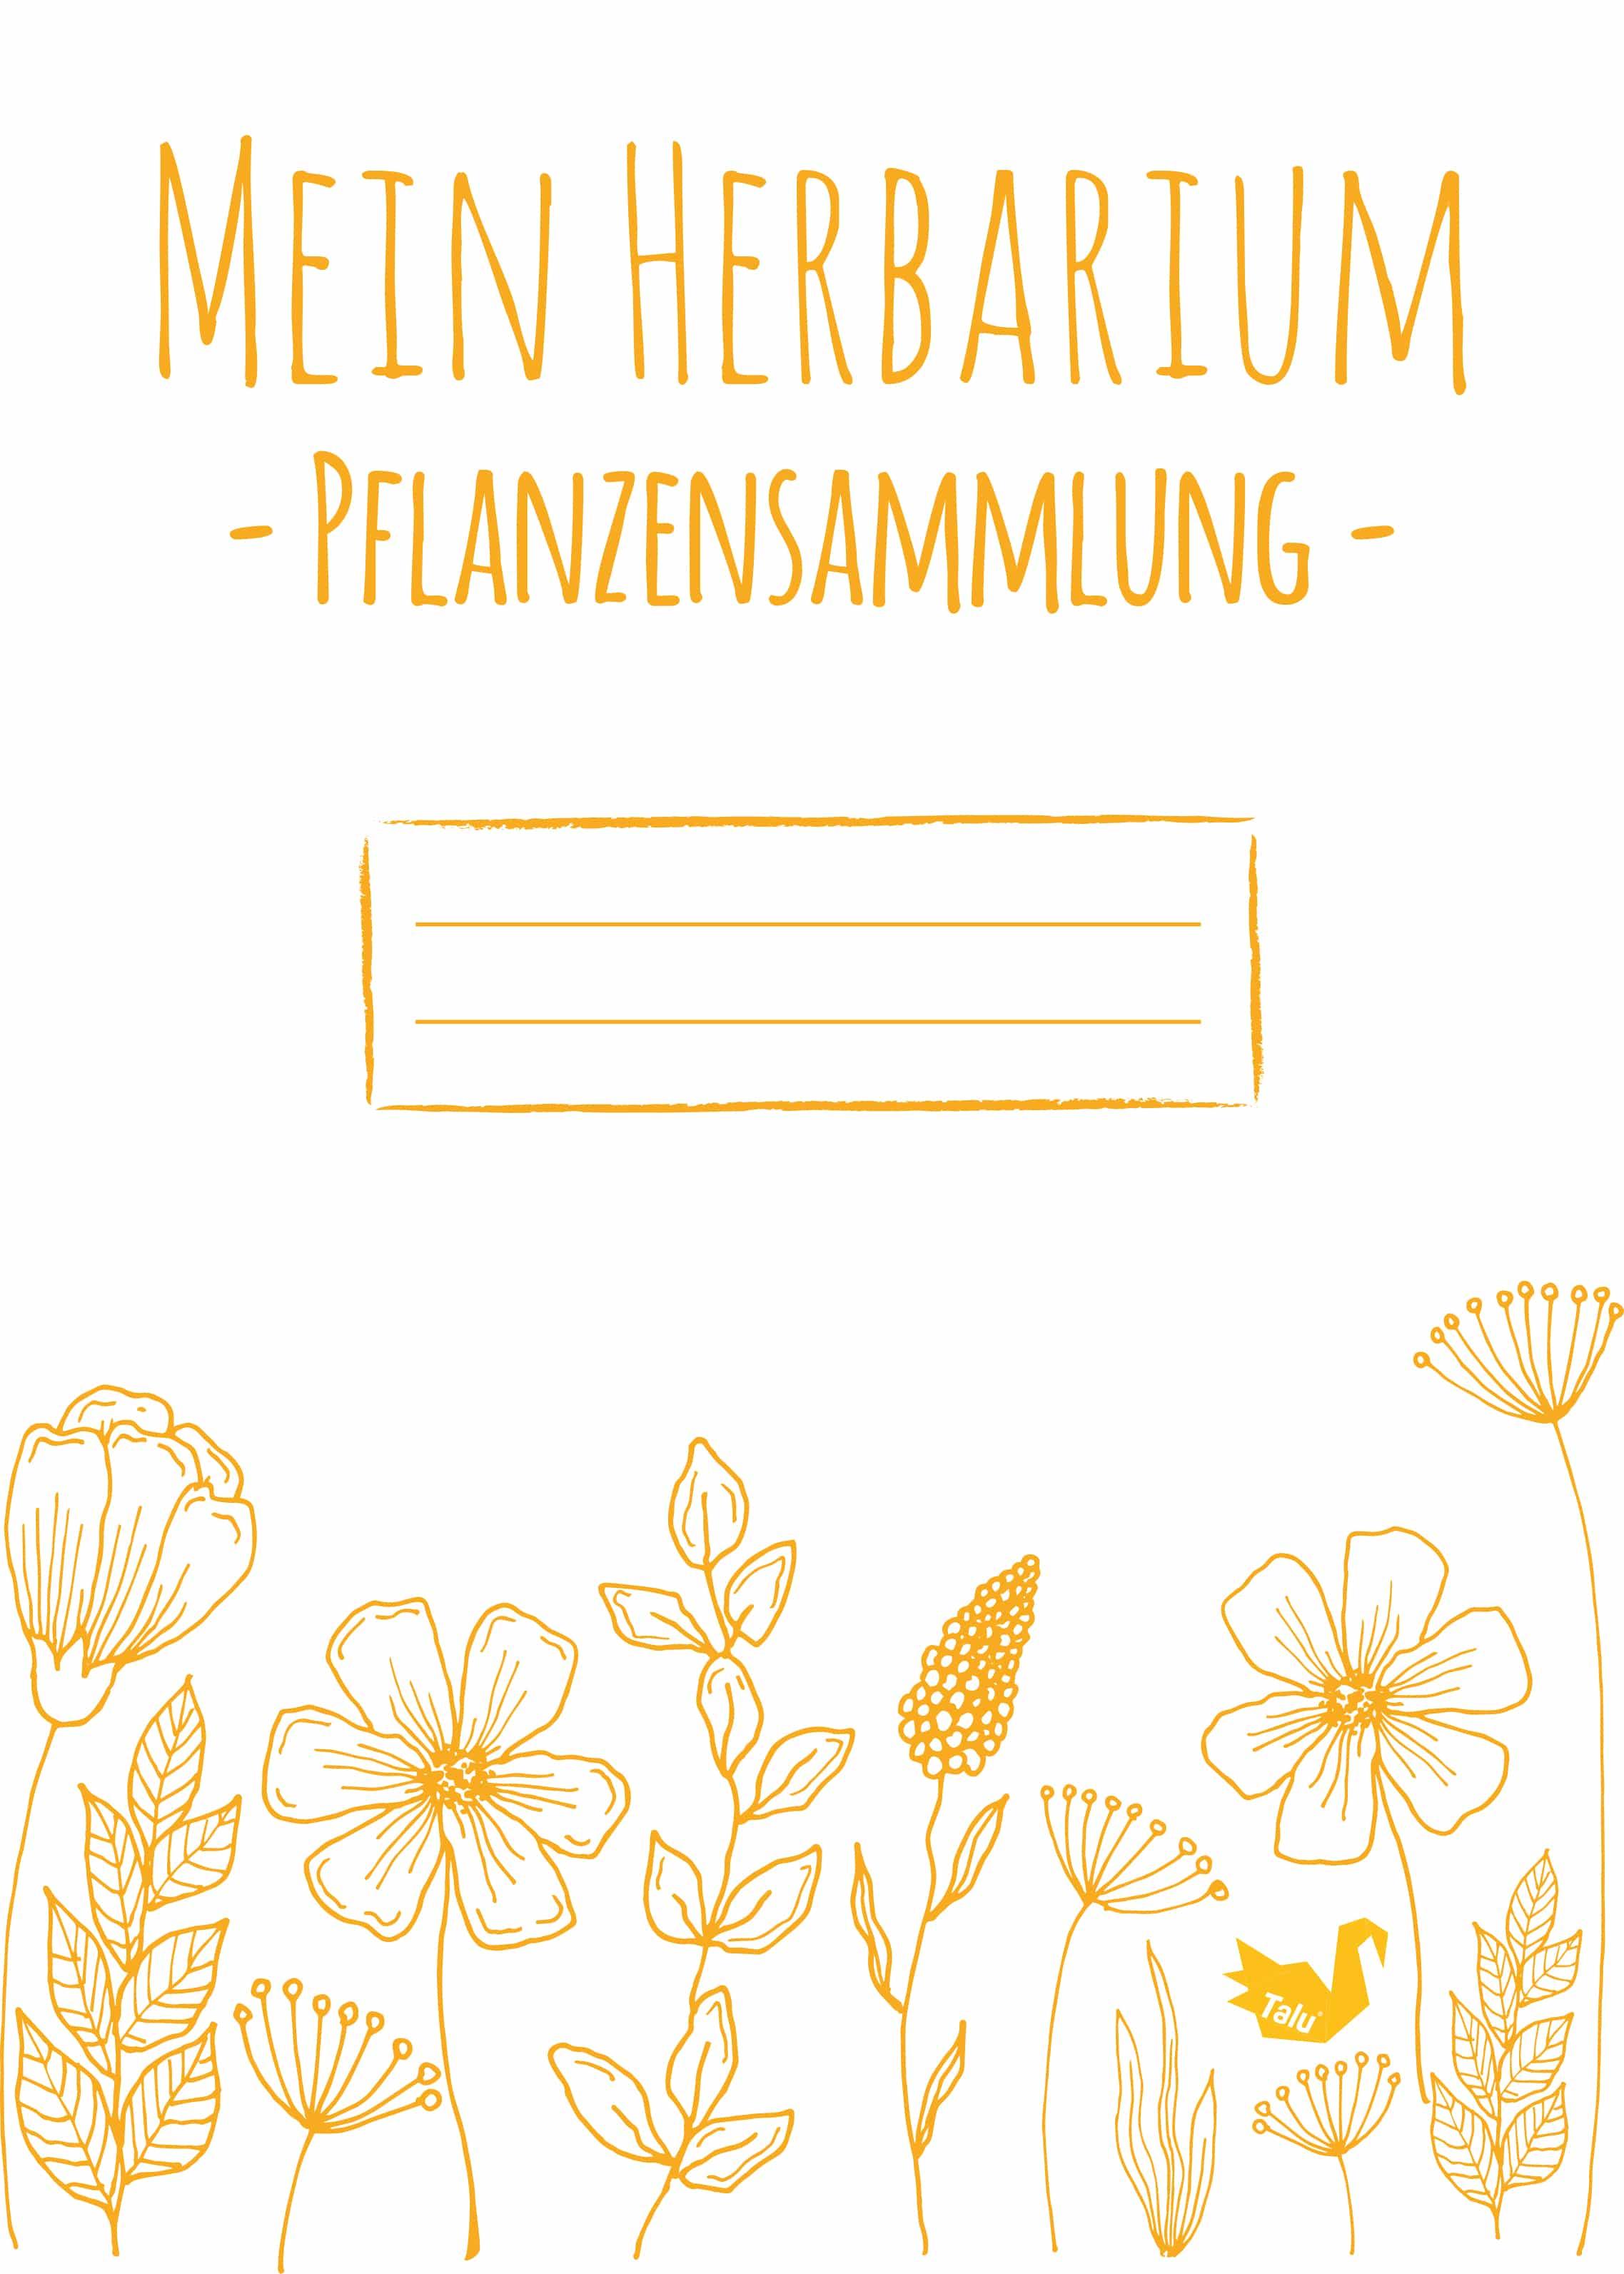 Deckblatt für Herbarium